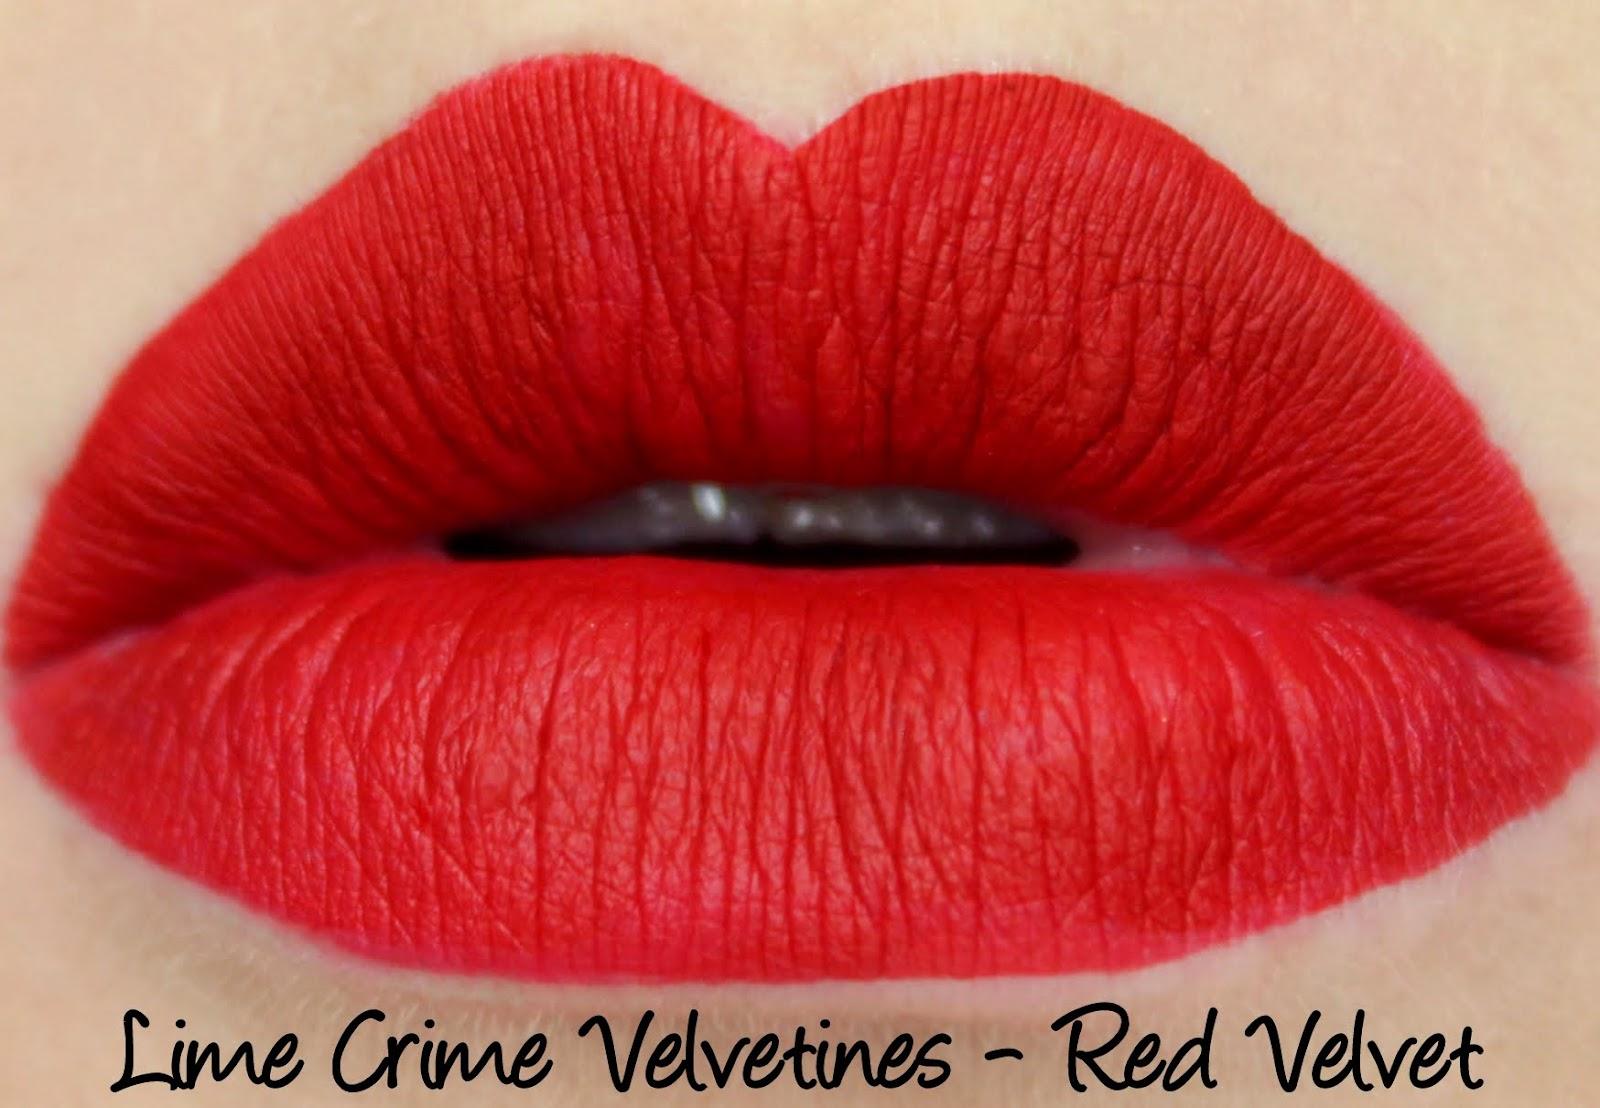 Lime Crime Velvetine - Red Velvet